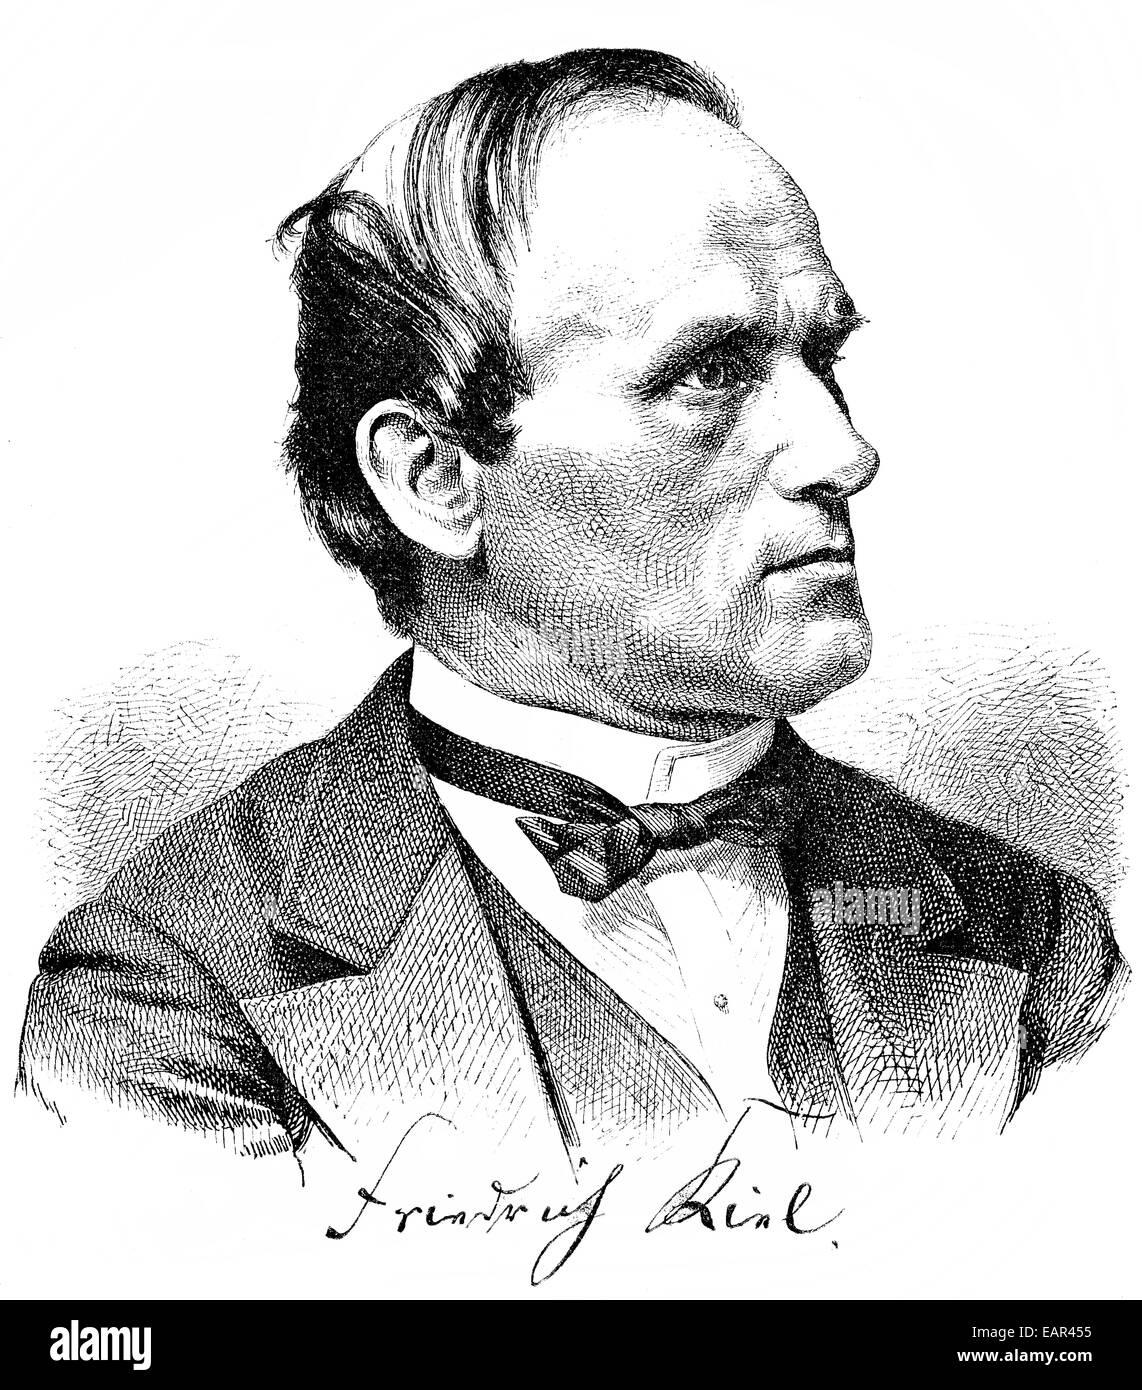 Friedrich Kiel 1821-1885, deutscher Komponist der Romantik und Musik Erzieher, Porträt von Friedrich Kiel 1821 Stockbild